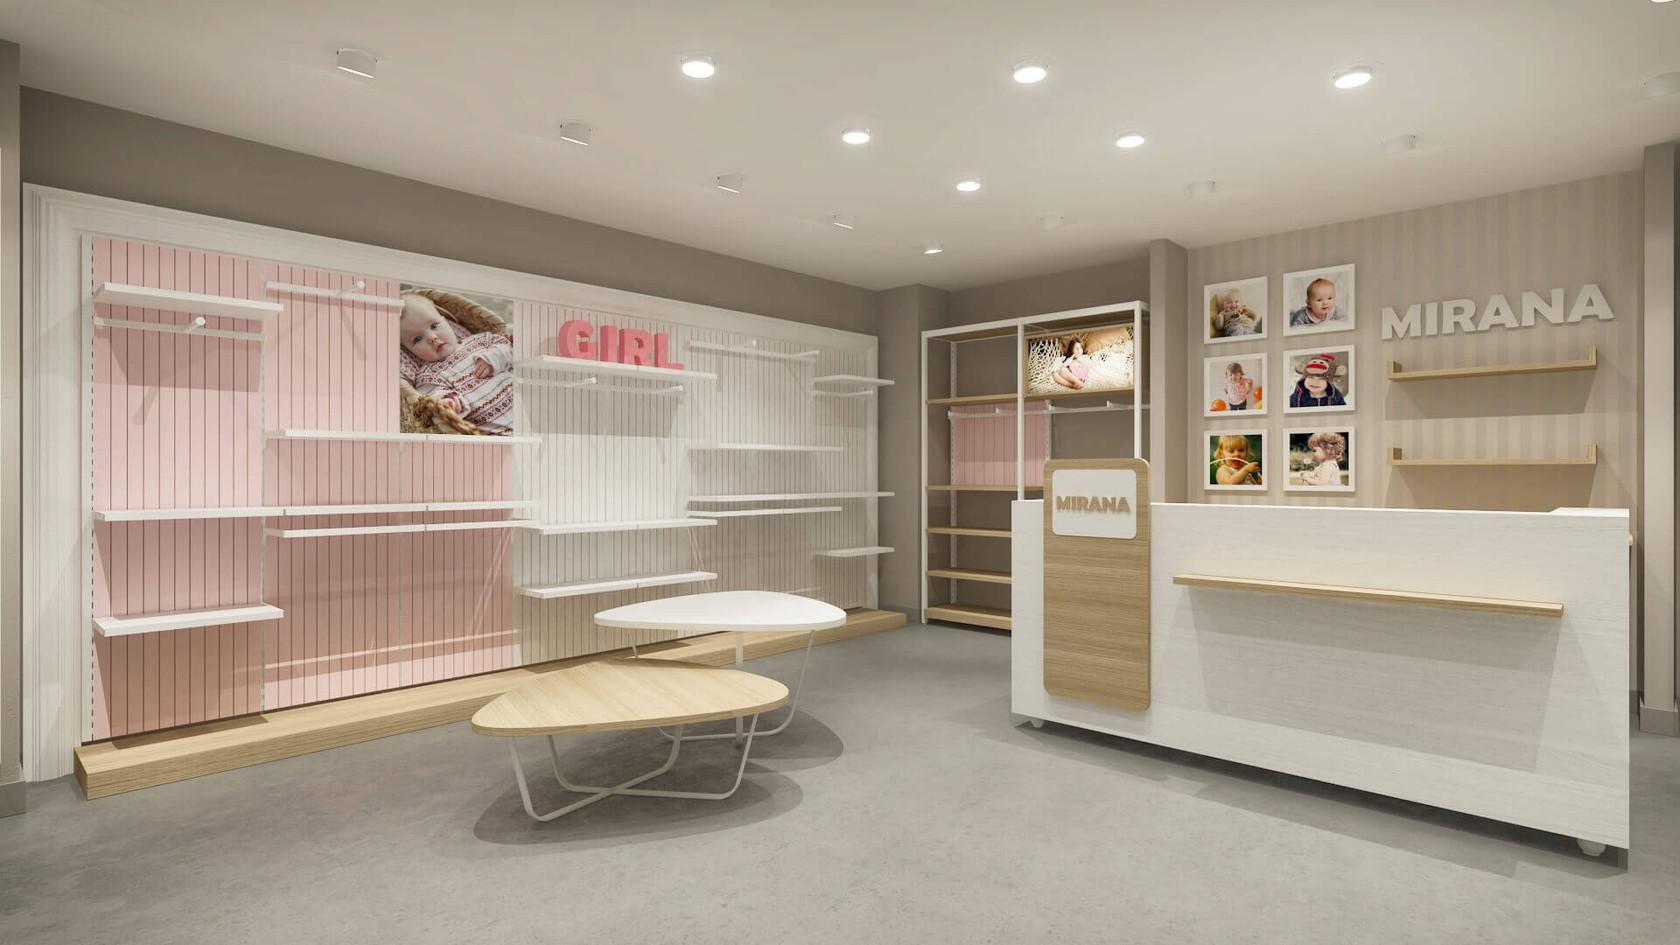 Çocuk Giyim Mağazası Tasarımları | Shopline Mağaza Dekorasyonu | Mirana